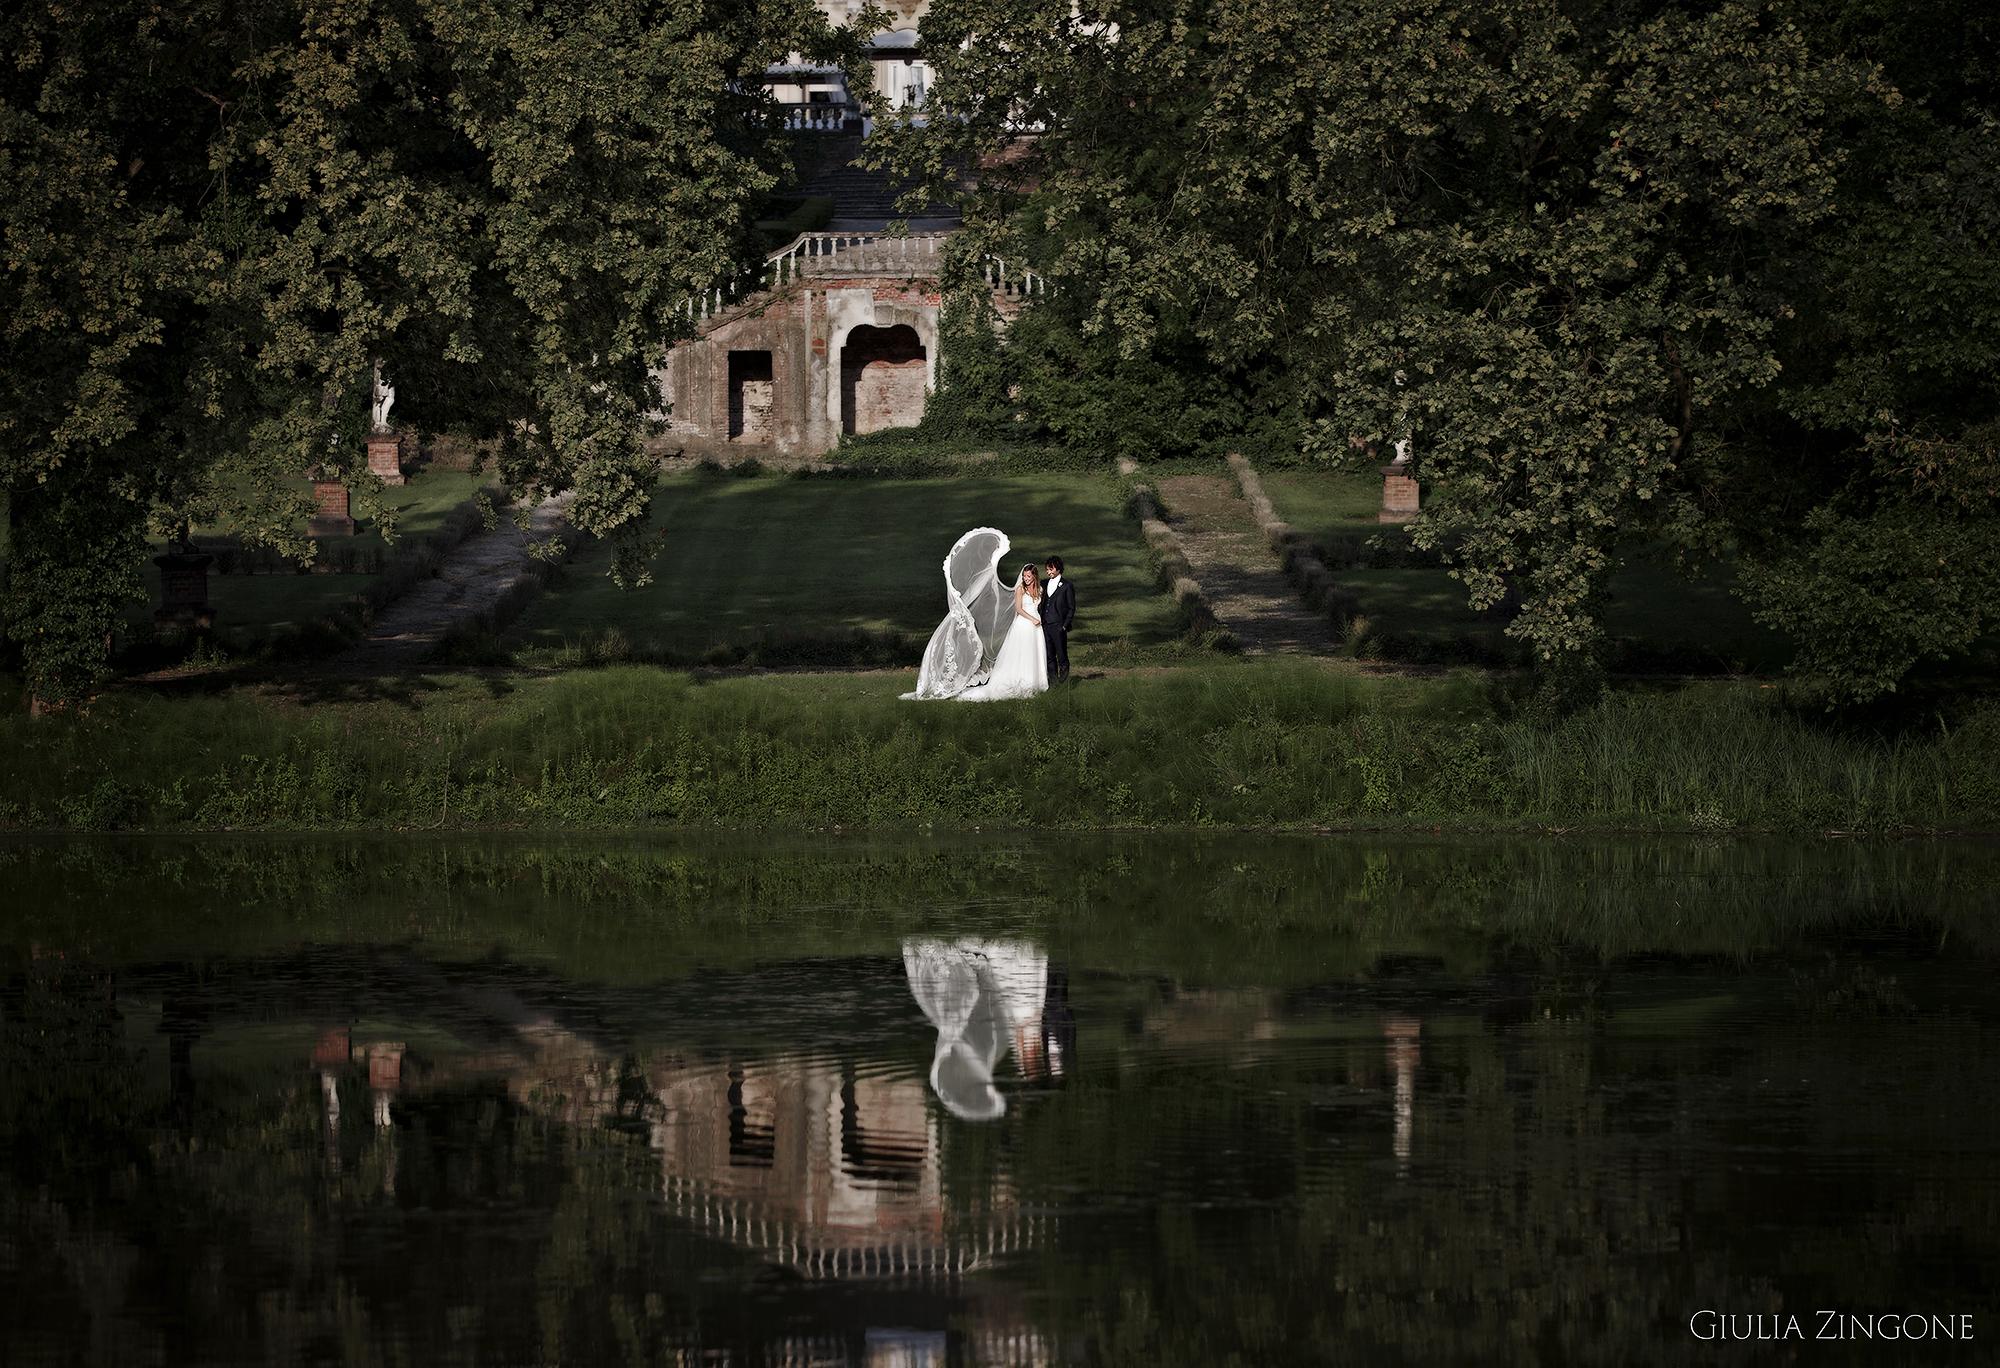 considero una esperienza emozionante aver lavorato come fotografo di matrimonio a villa zaccaria bordolano ed aver creato per questa coppia di sposi un mix di foto spontanee e in posa